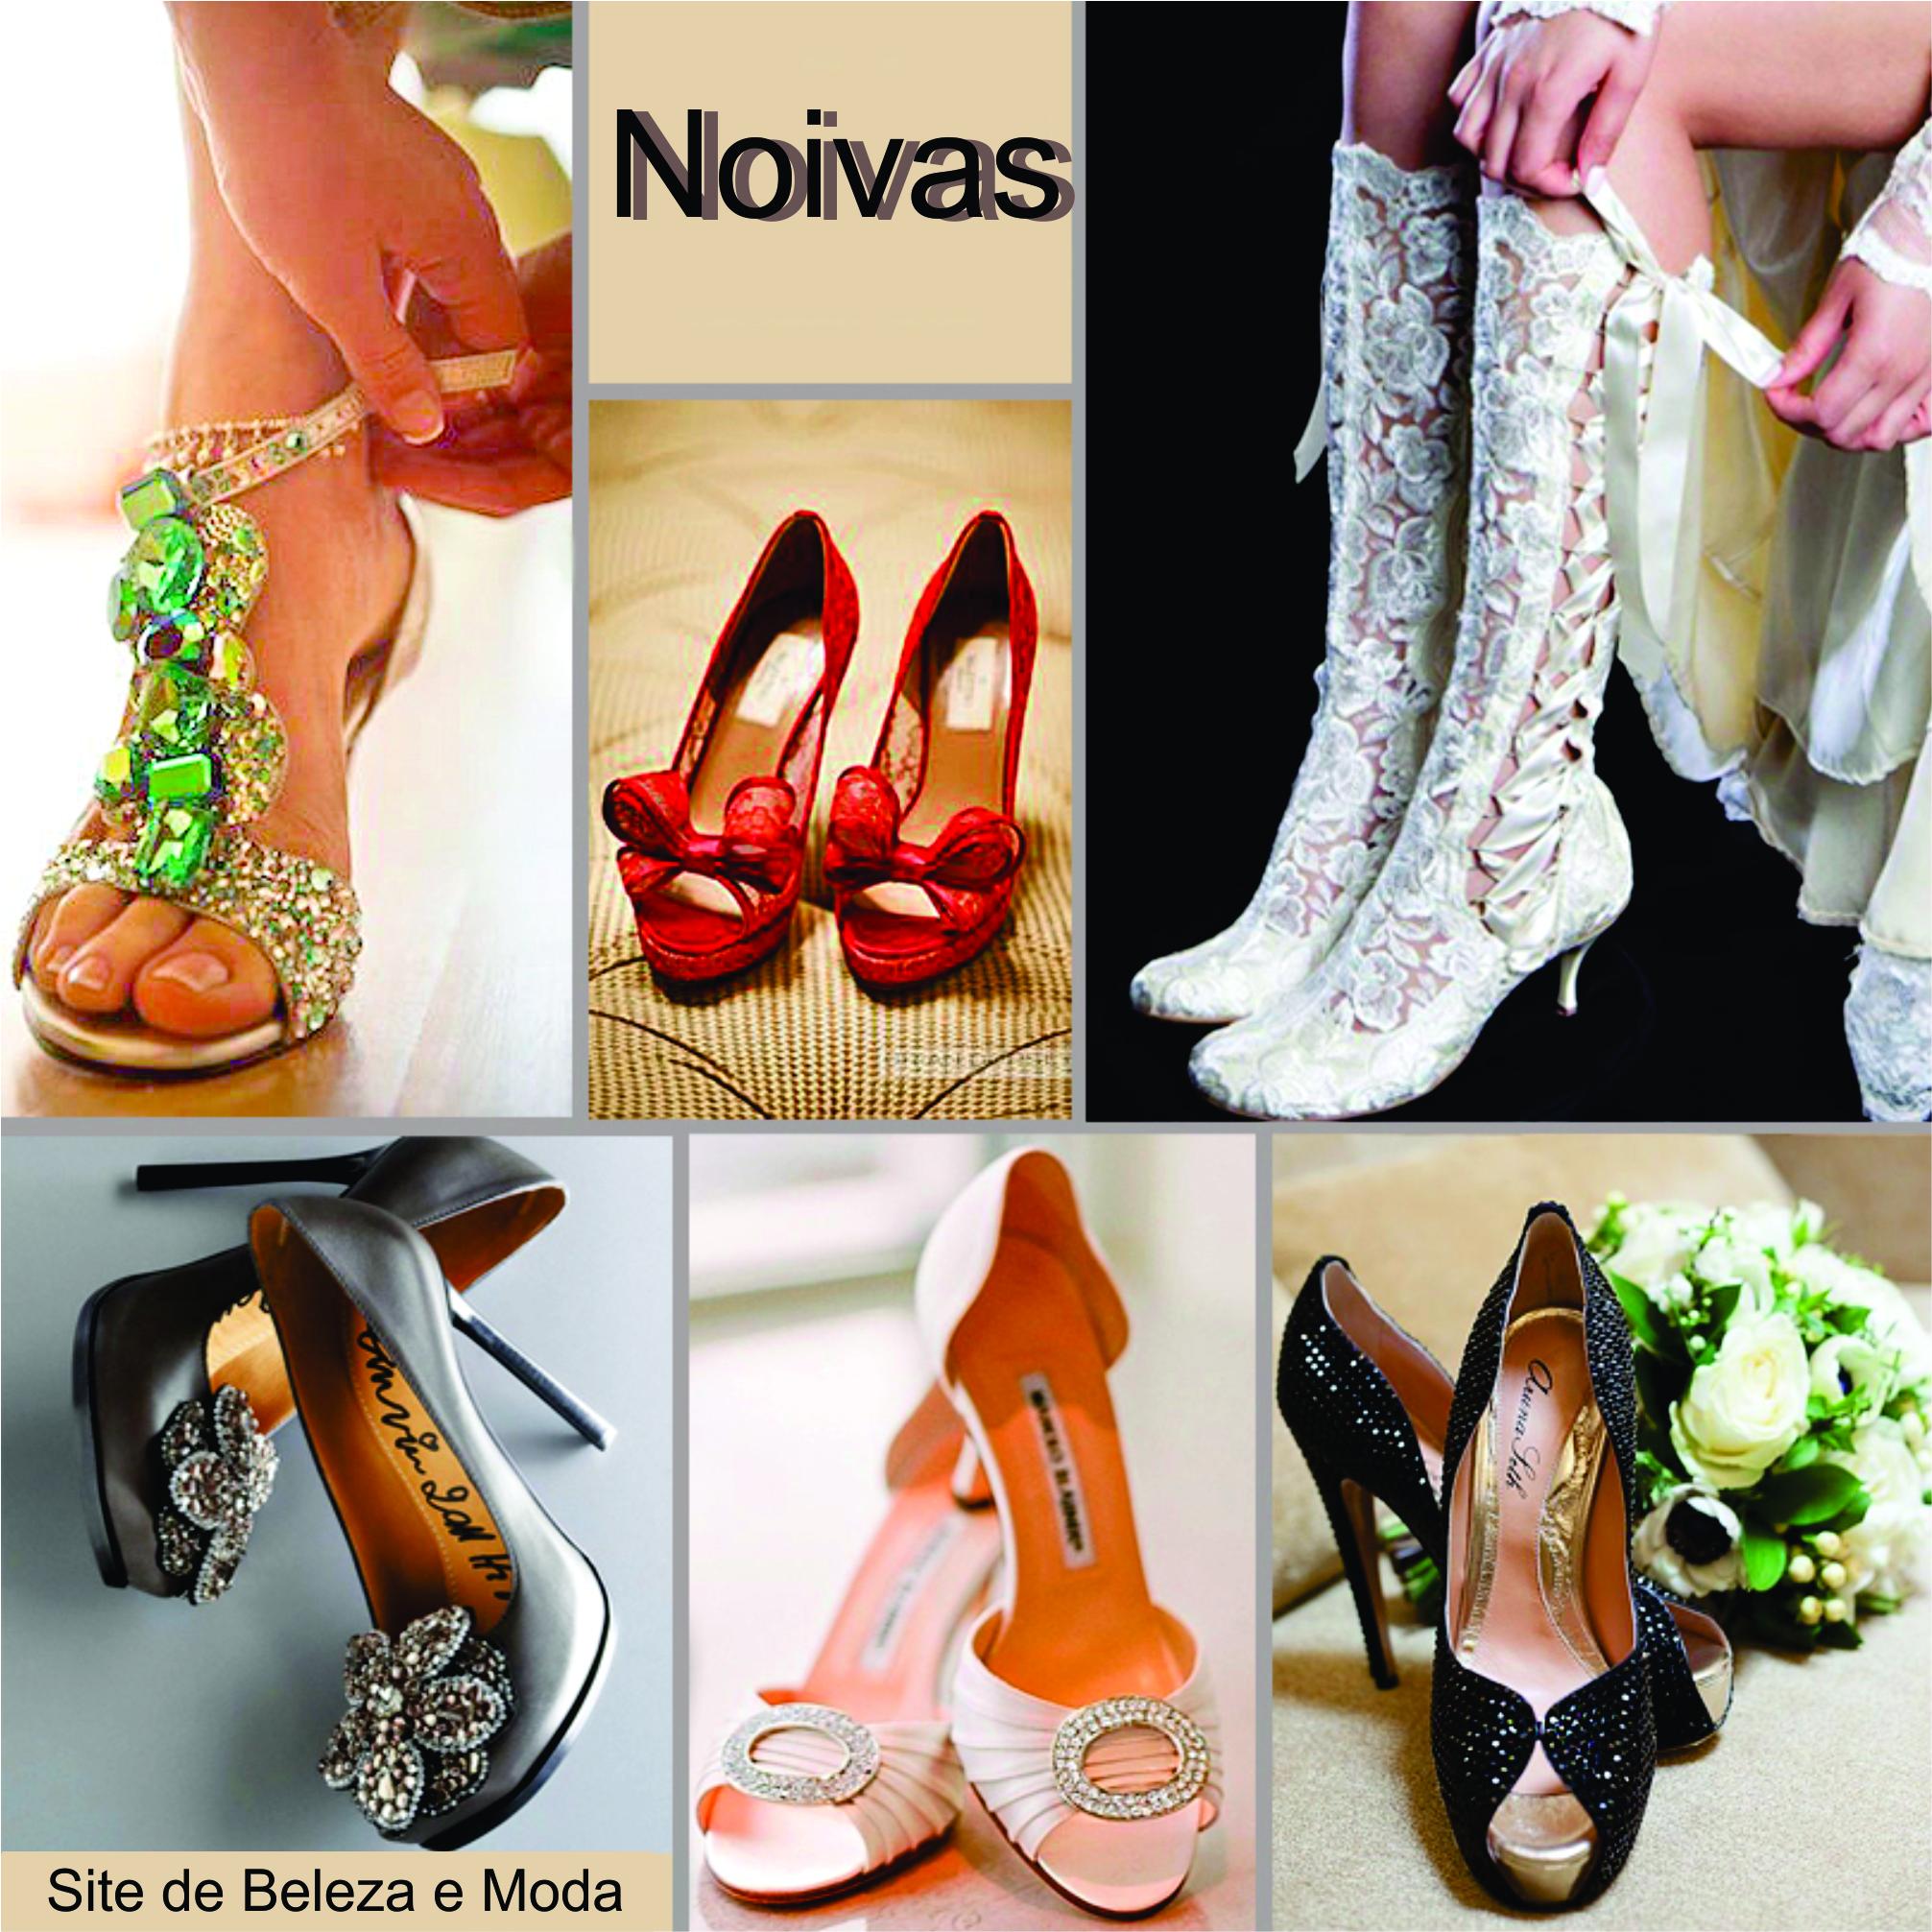 5343ec2a3a Noivas  como escolher o sapato ideal - Site de Beleza e Moda